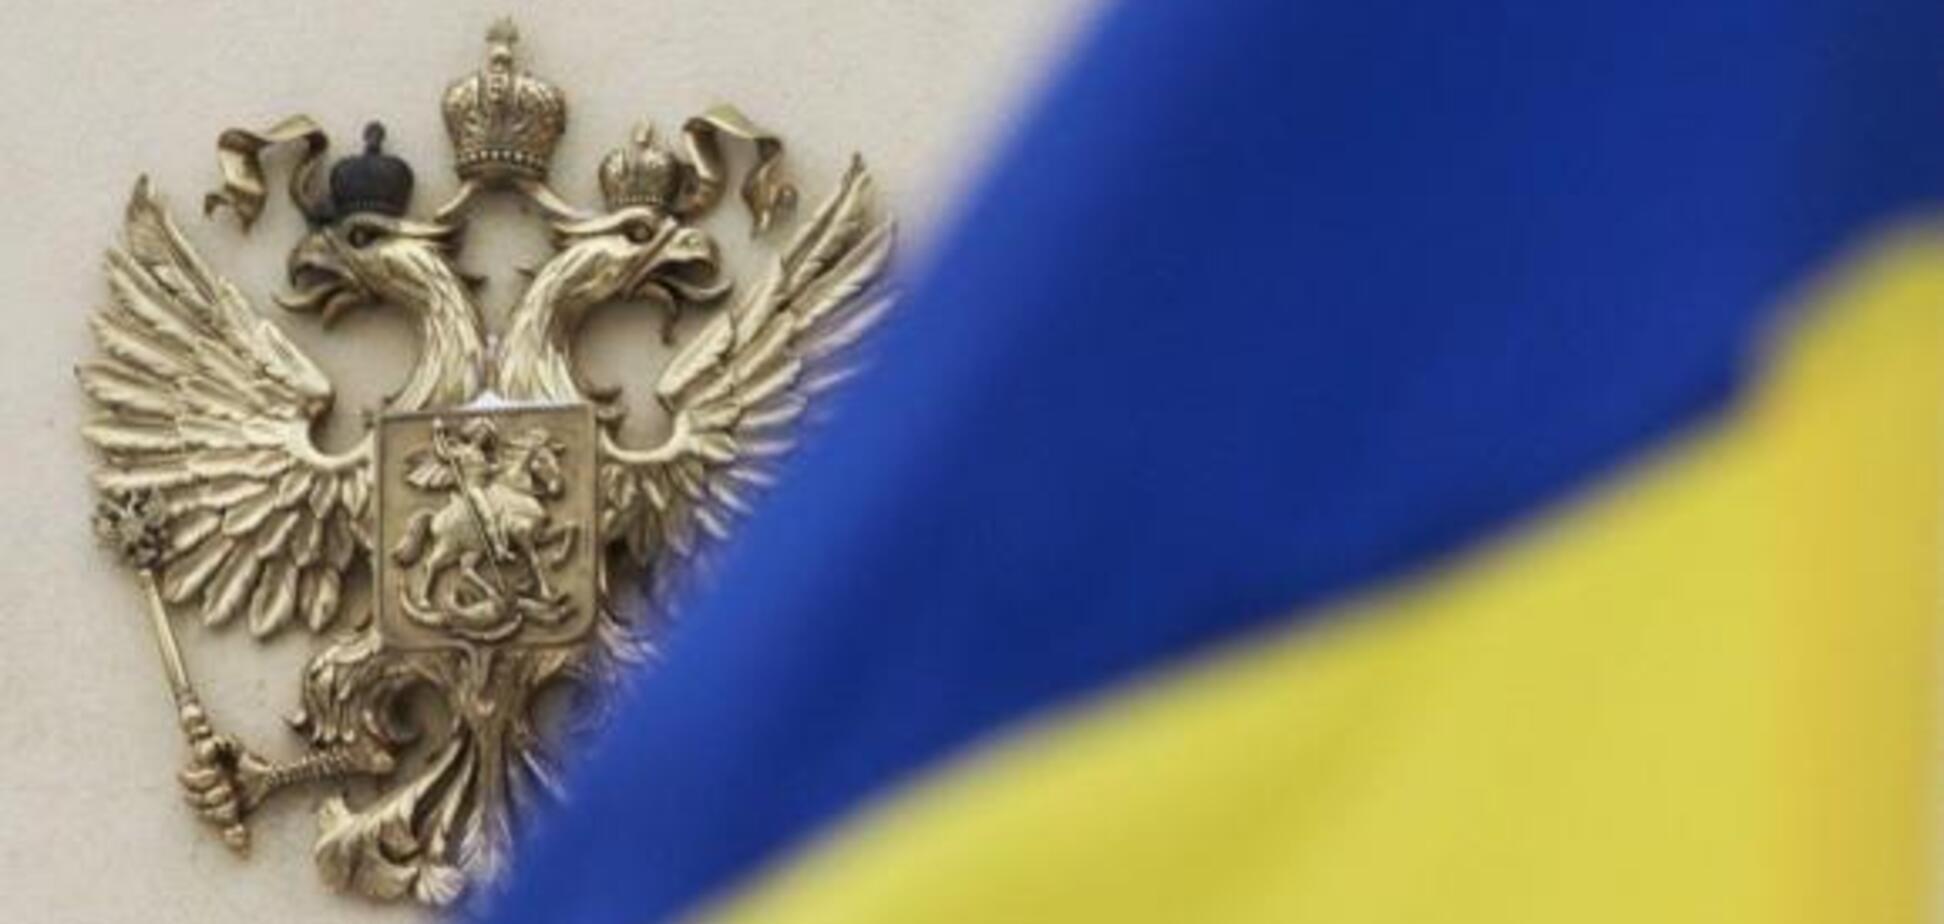 ''Ані дня без України'': політик Із РФ пояснила нові санкції Кремля